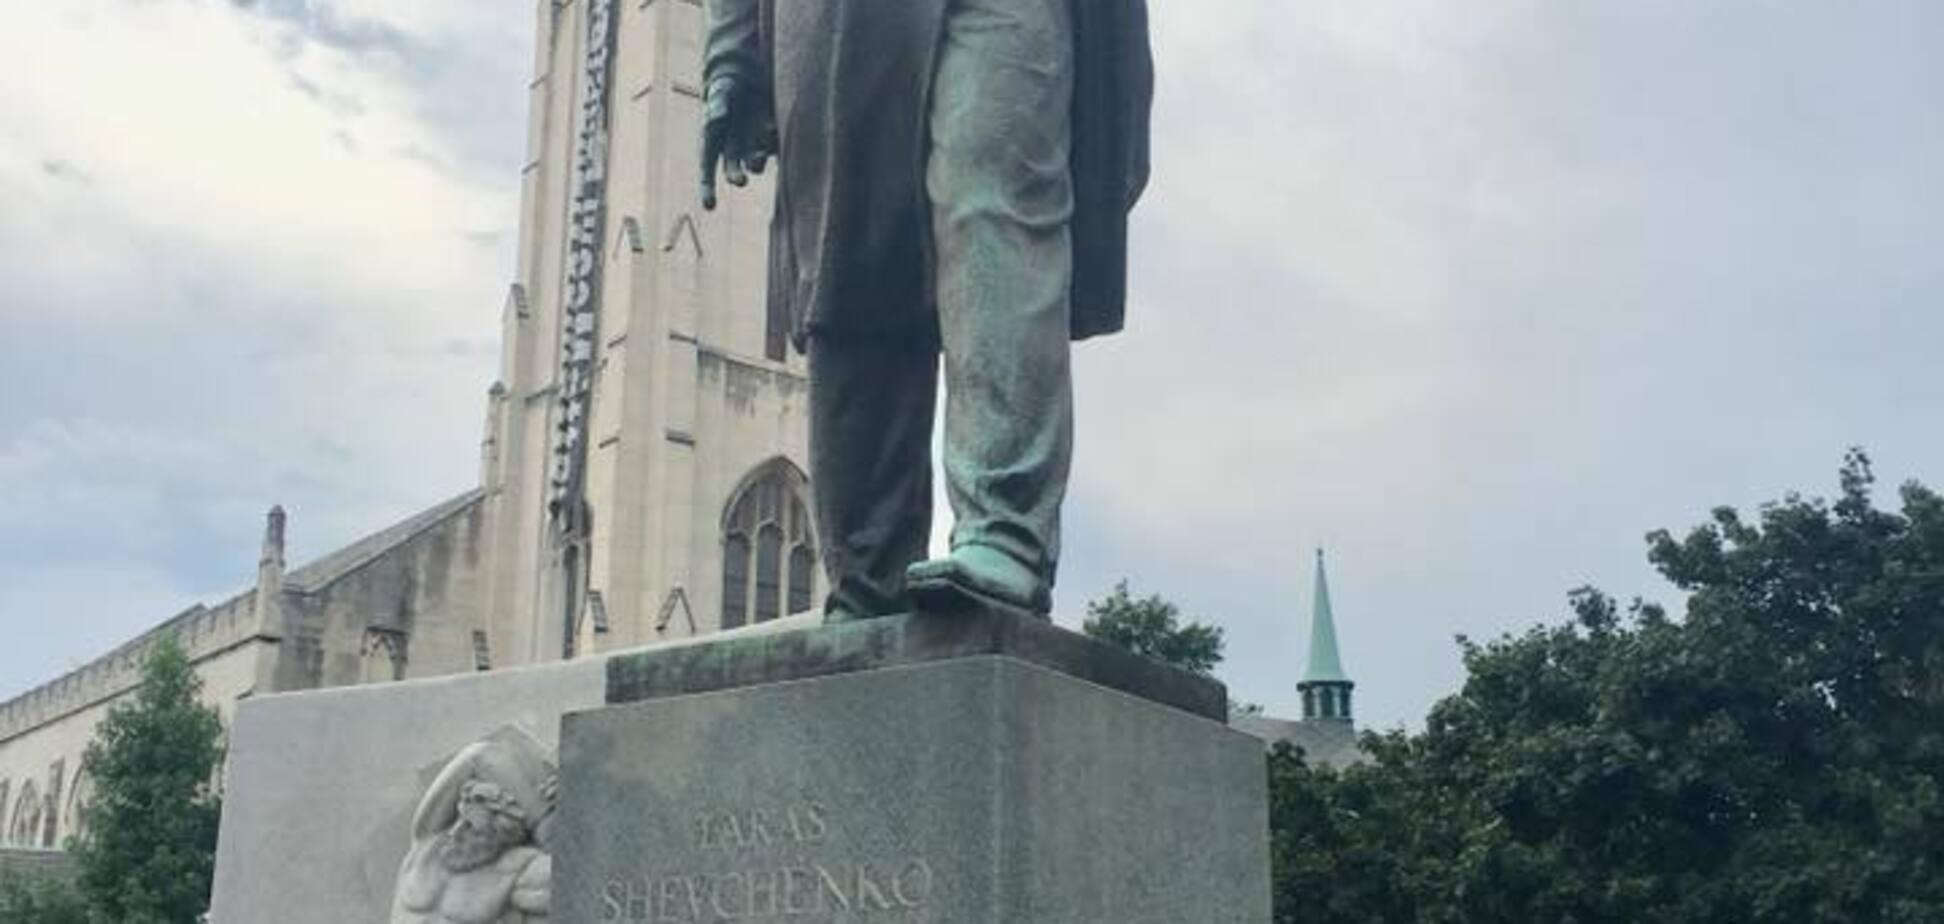 Памятник Тарасу Шевченко в Вашингтоне: путь от идеи к воплощению